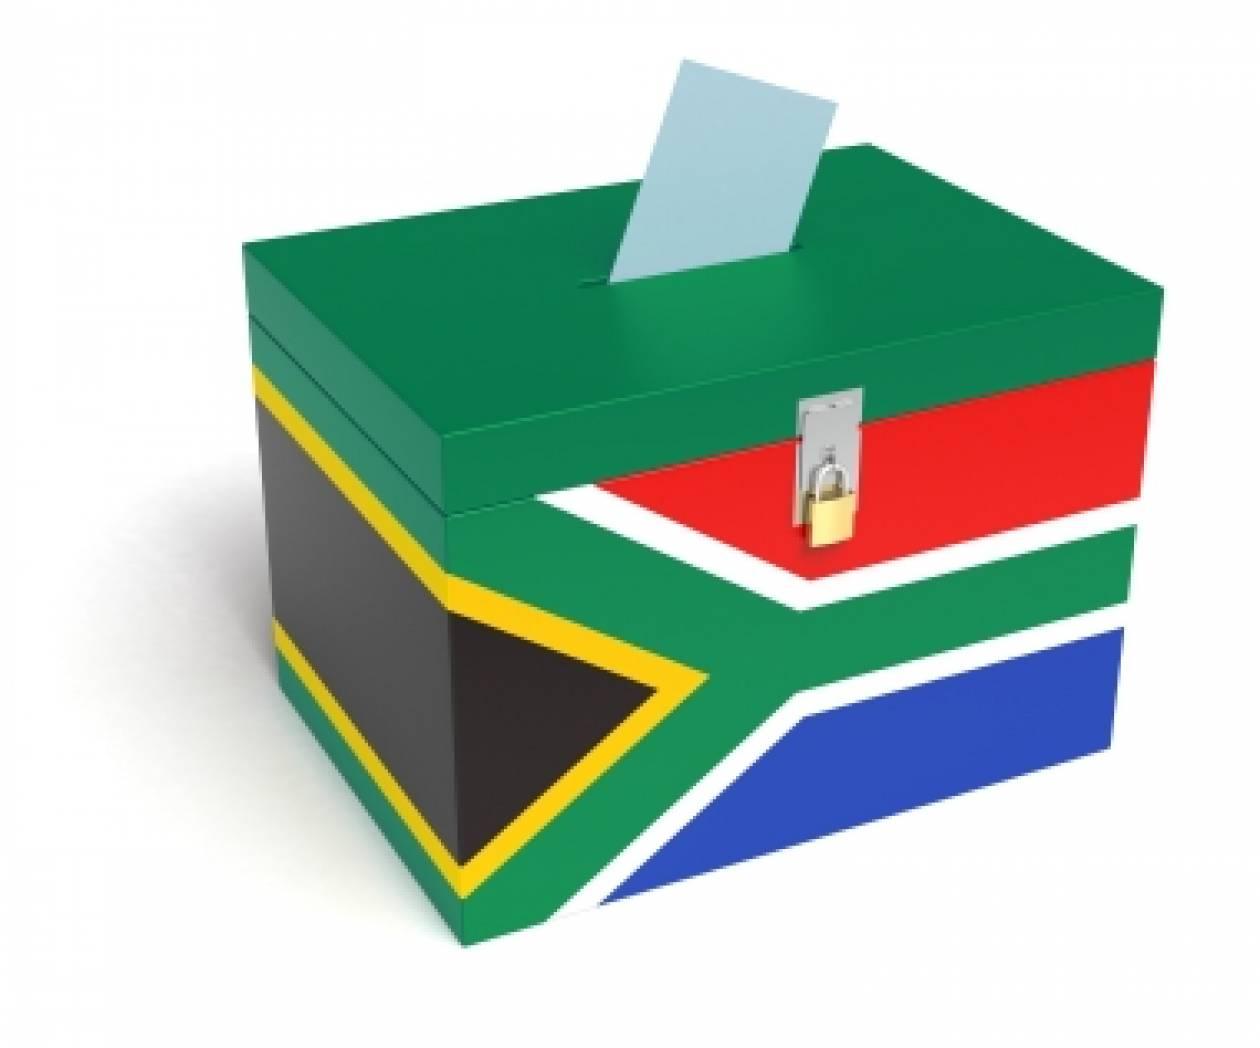 Στις 7 Μαΐου οι βουλευτικές εκλογές στη Νότια Αφρική